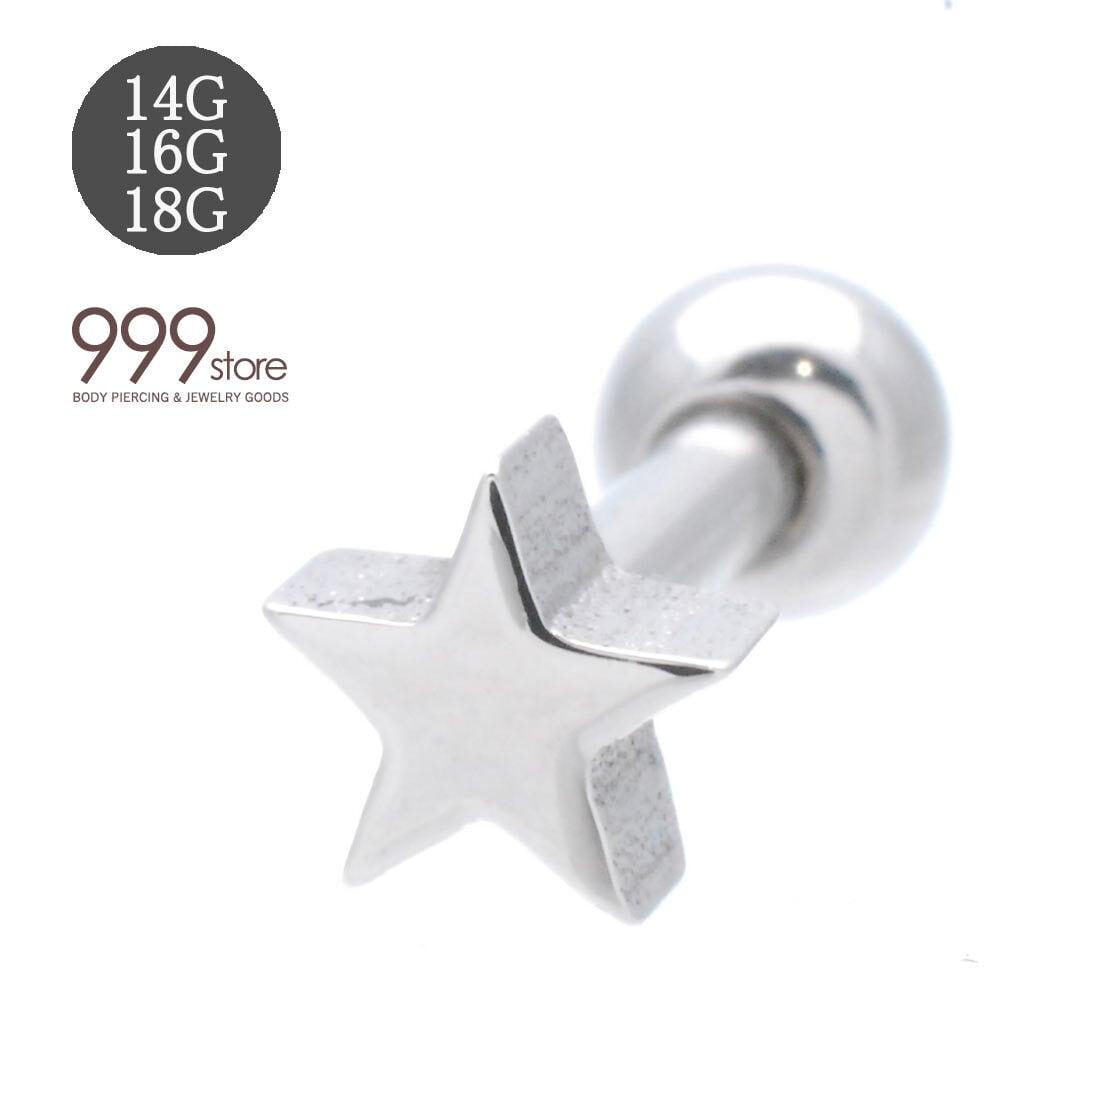 ボディピアス 14G 16G 18G 小っさーいミニ星 極小なのでどんな組み合わせでもあう!TBP104 TPB041